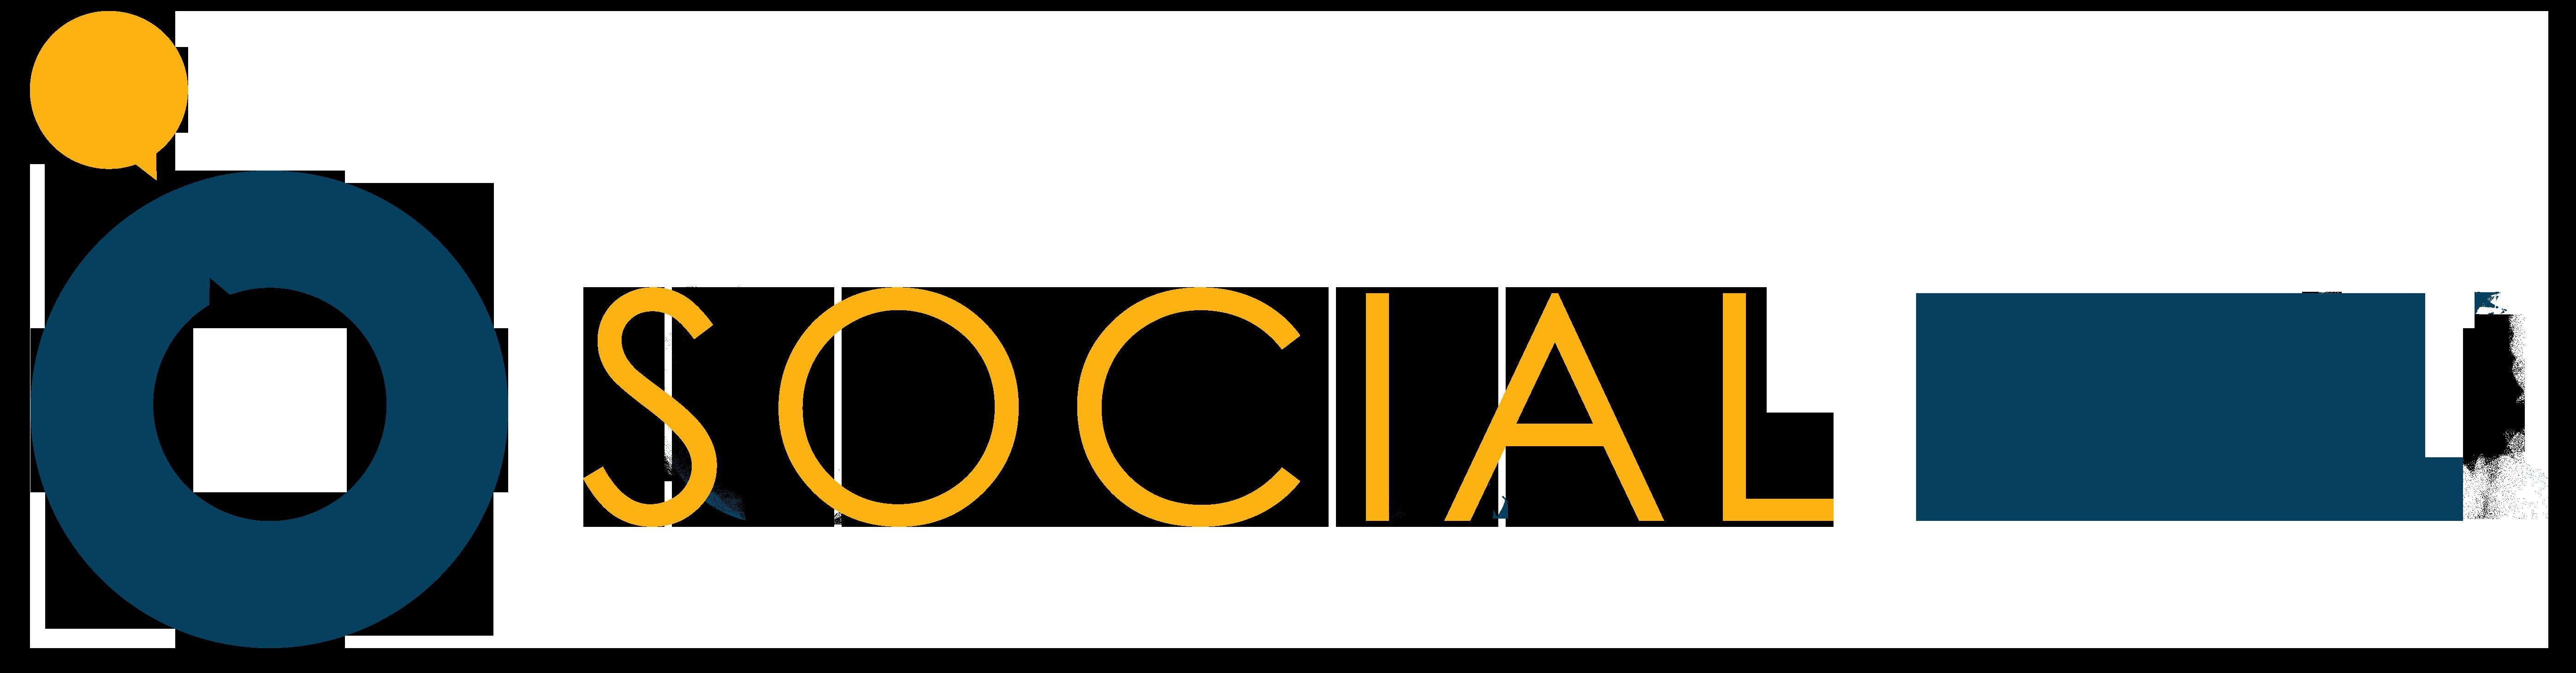 social wall ALL